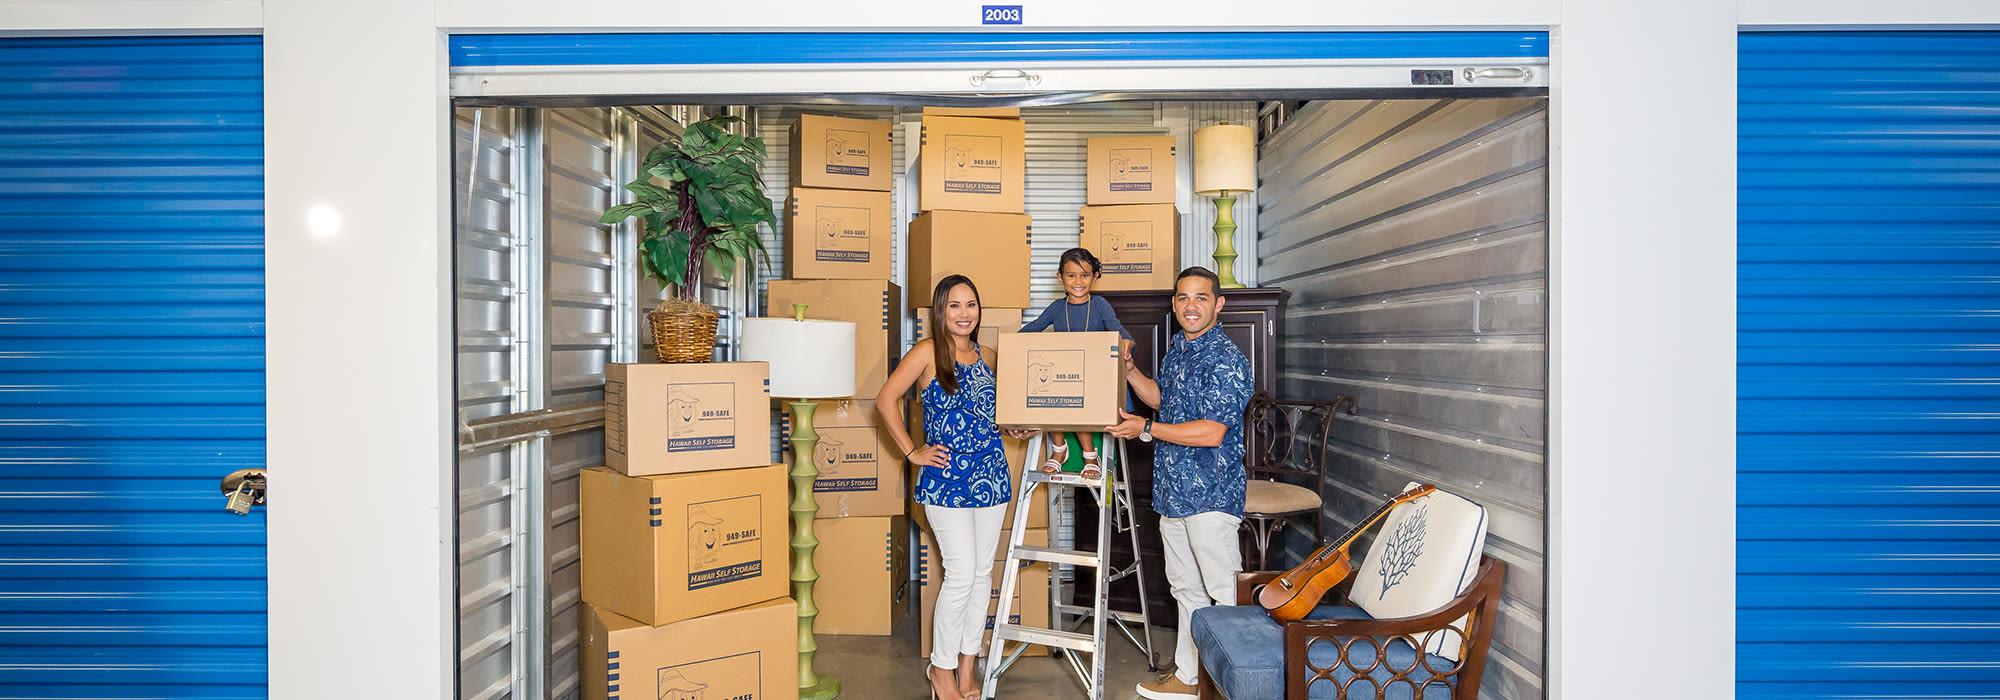 Self Storage In Honolulu Hi